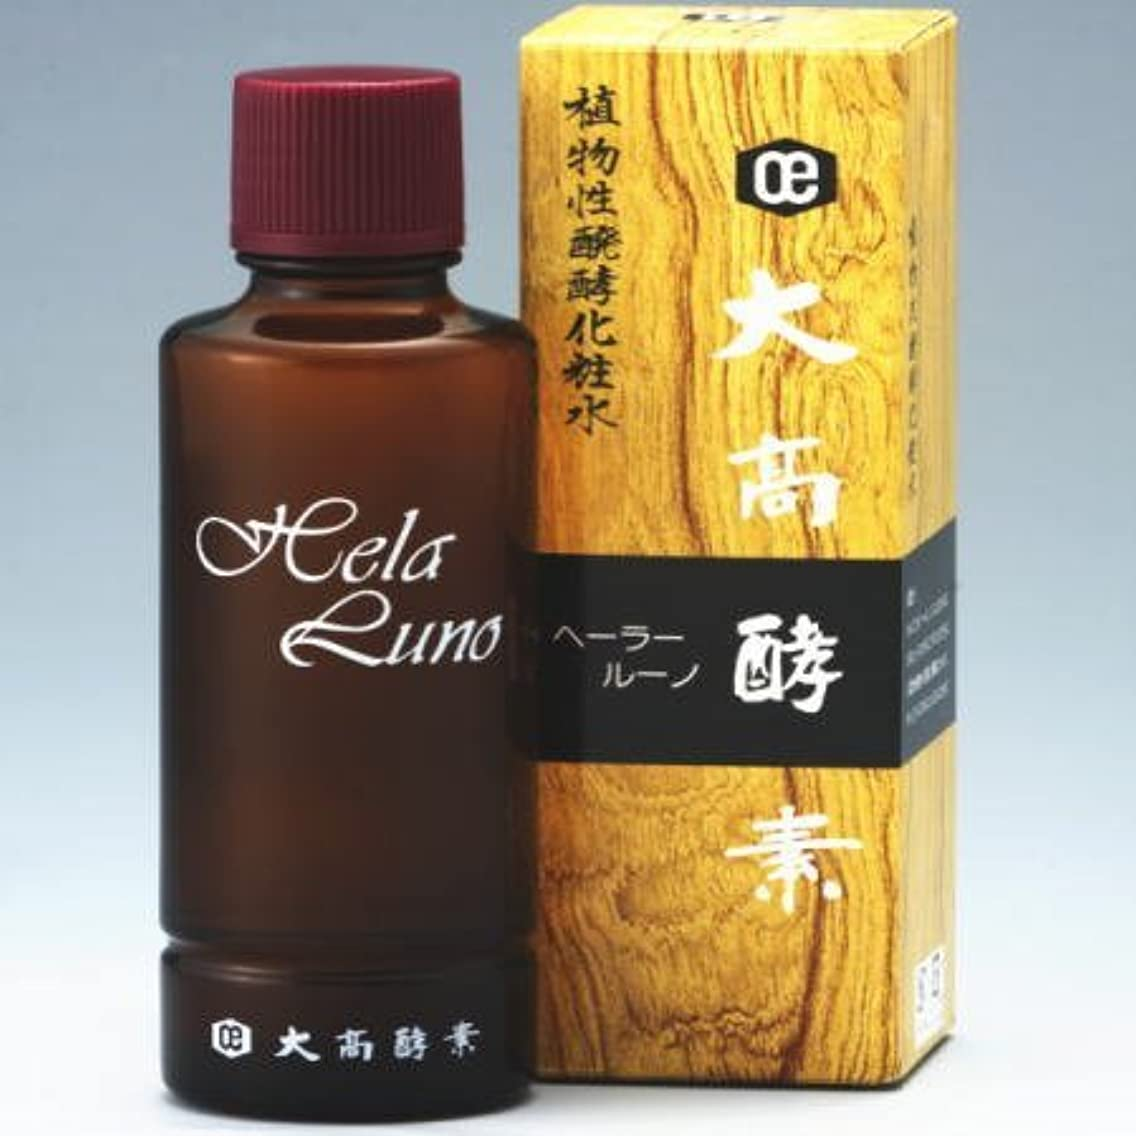 静けさ経済俳句大高酵素 ヘーラールーノ 植物エキス醗酵美容水 120ml